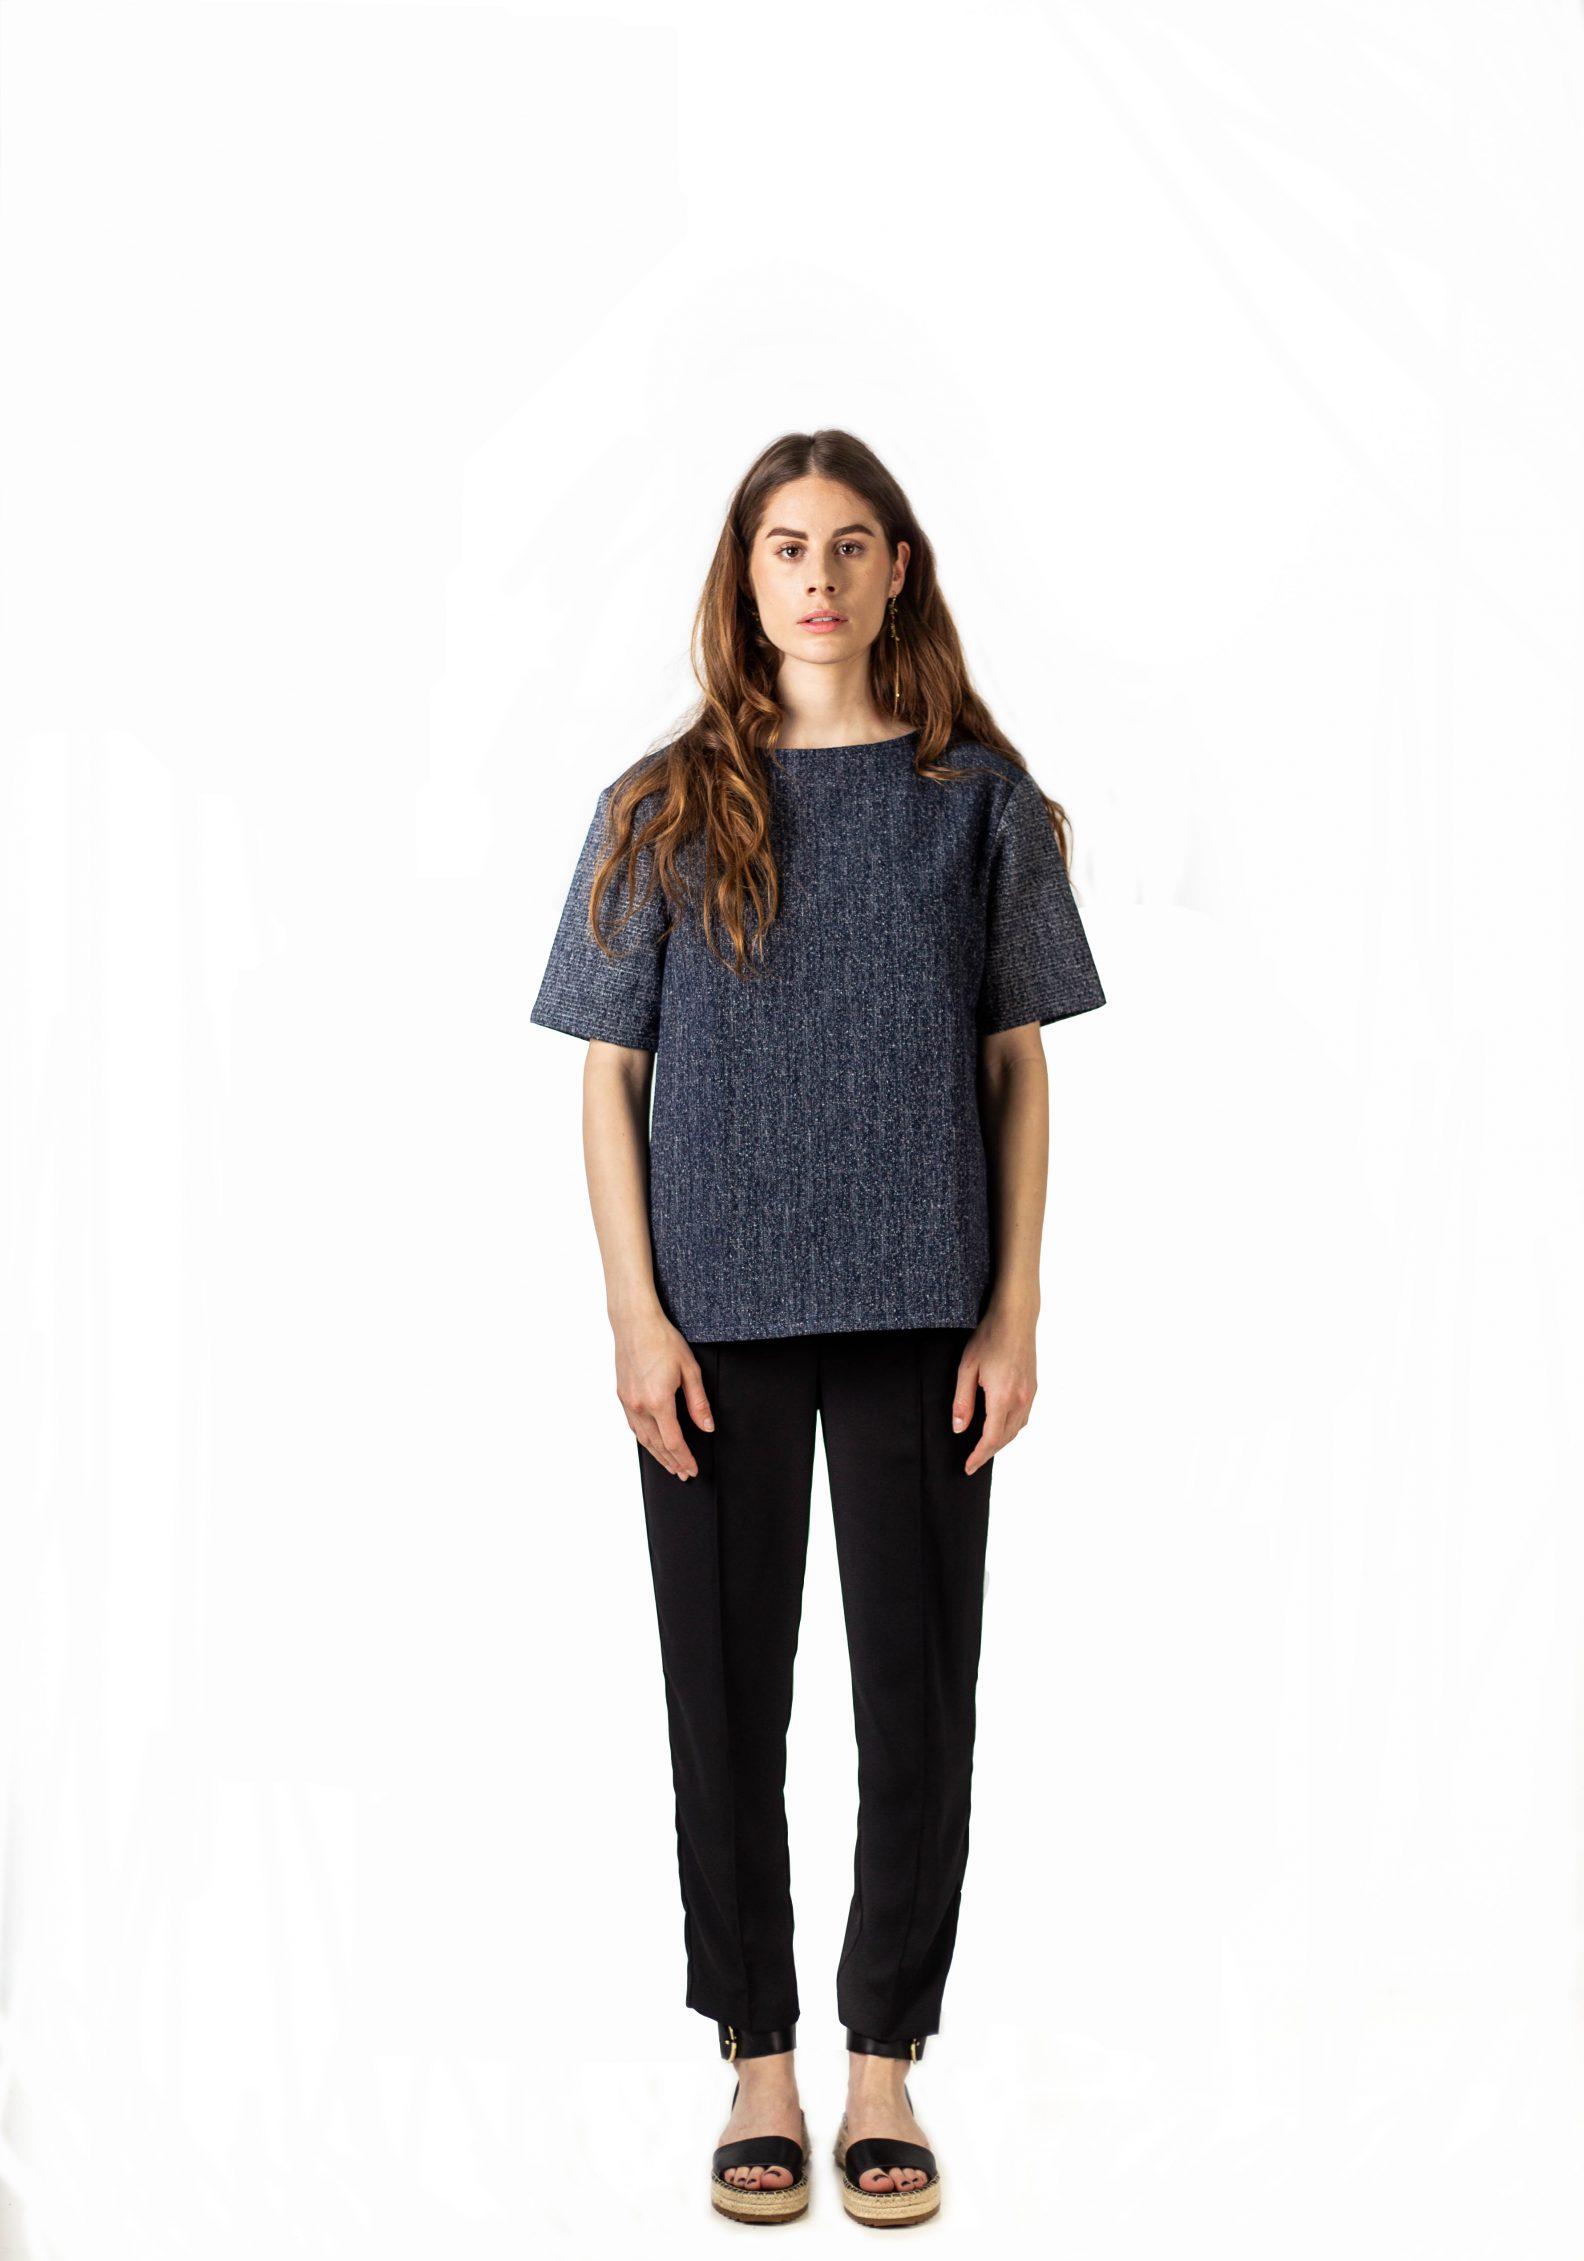 Aurèle -1-affaires-etrangeres-paris-tshirt-unisexe-antagony-jpg